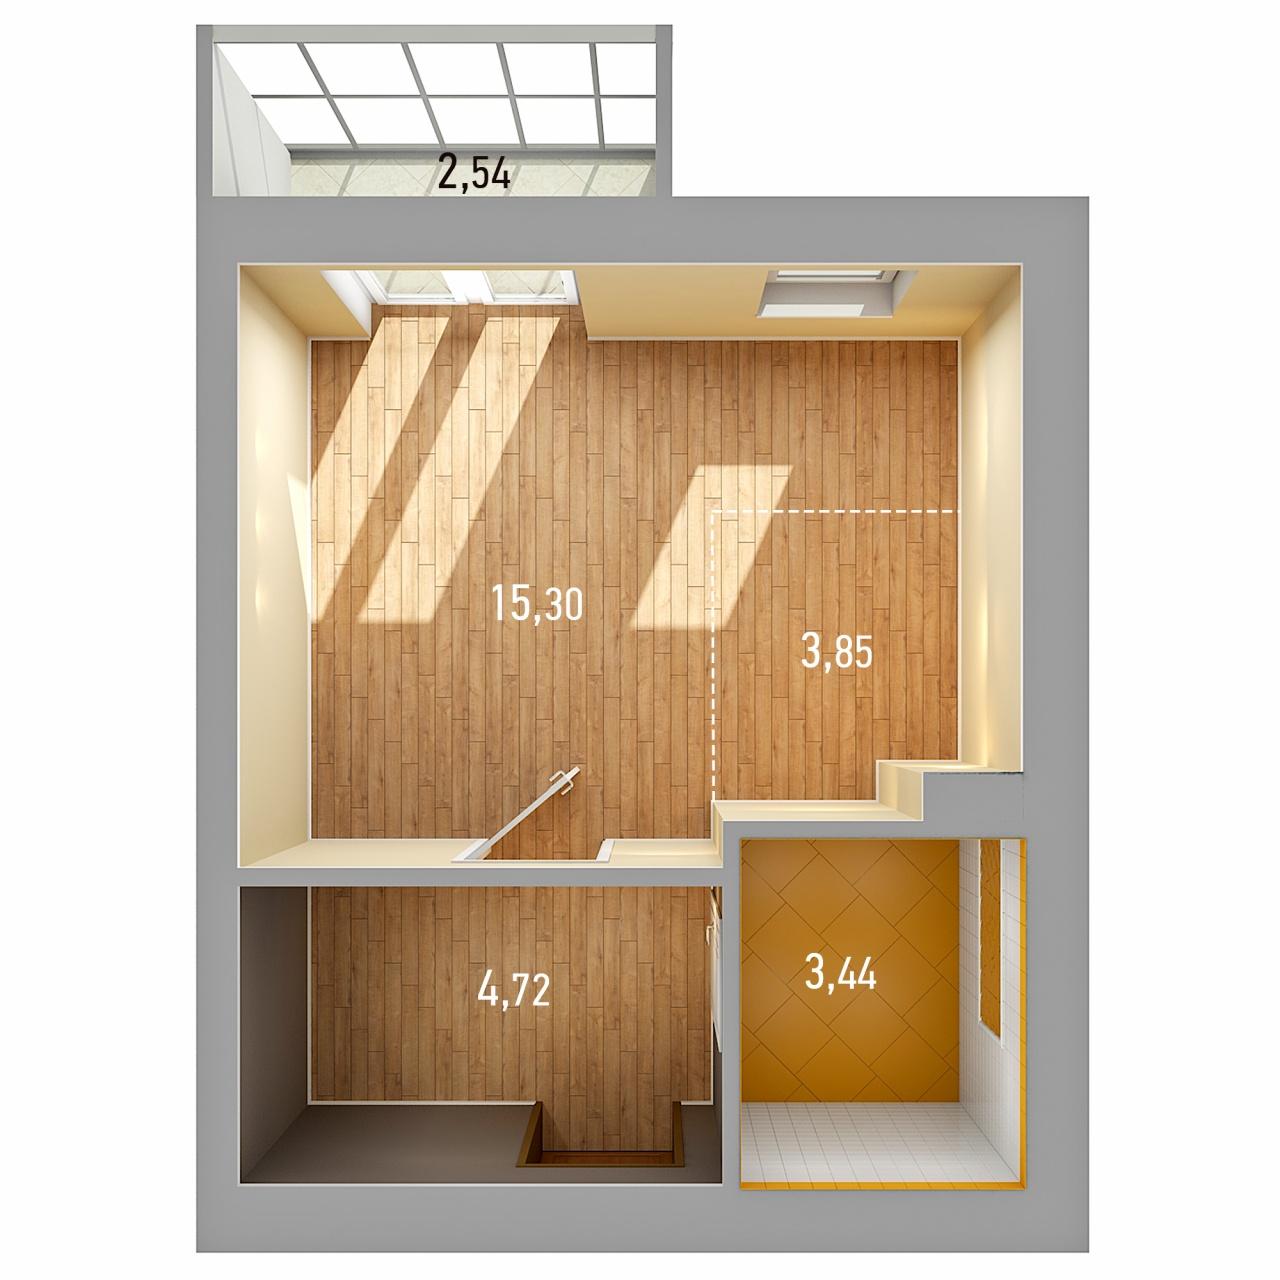 Продажа 1-к квартиры ул. Петра Гаврилова, д. 34